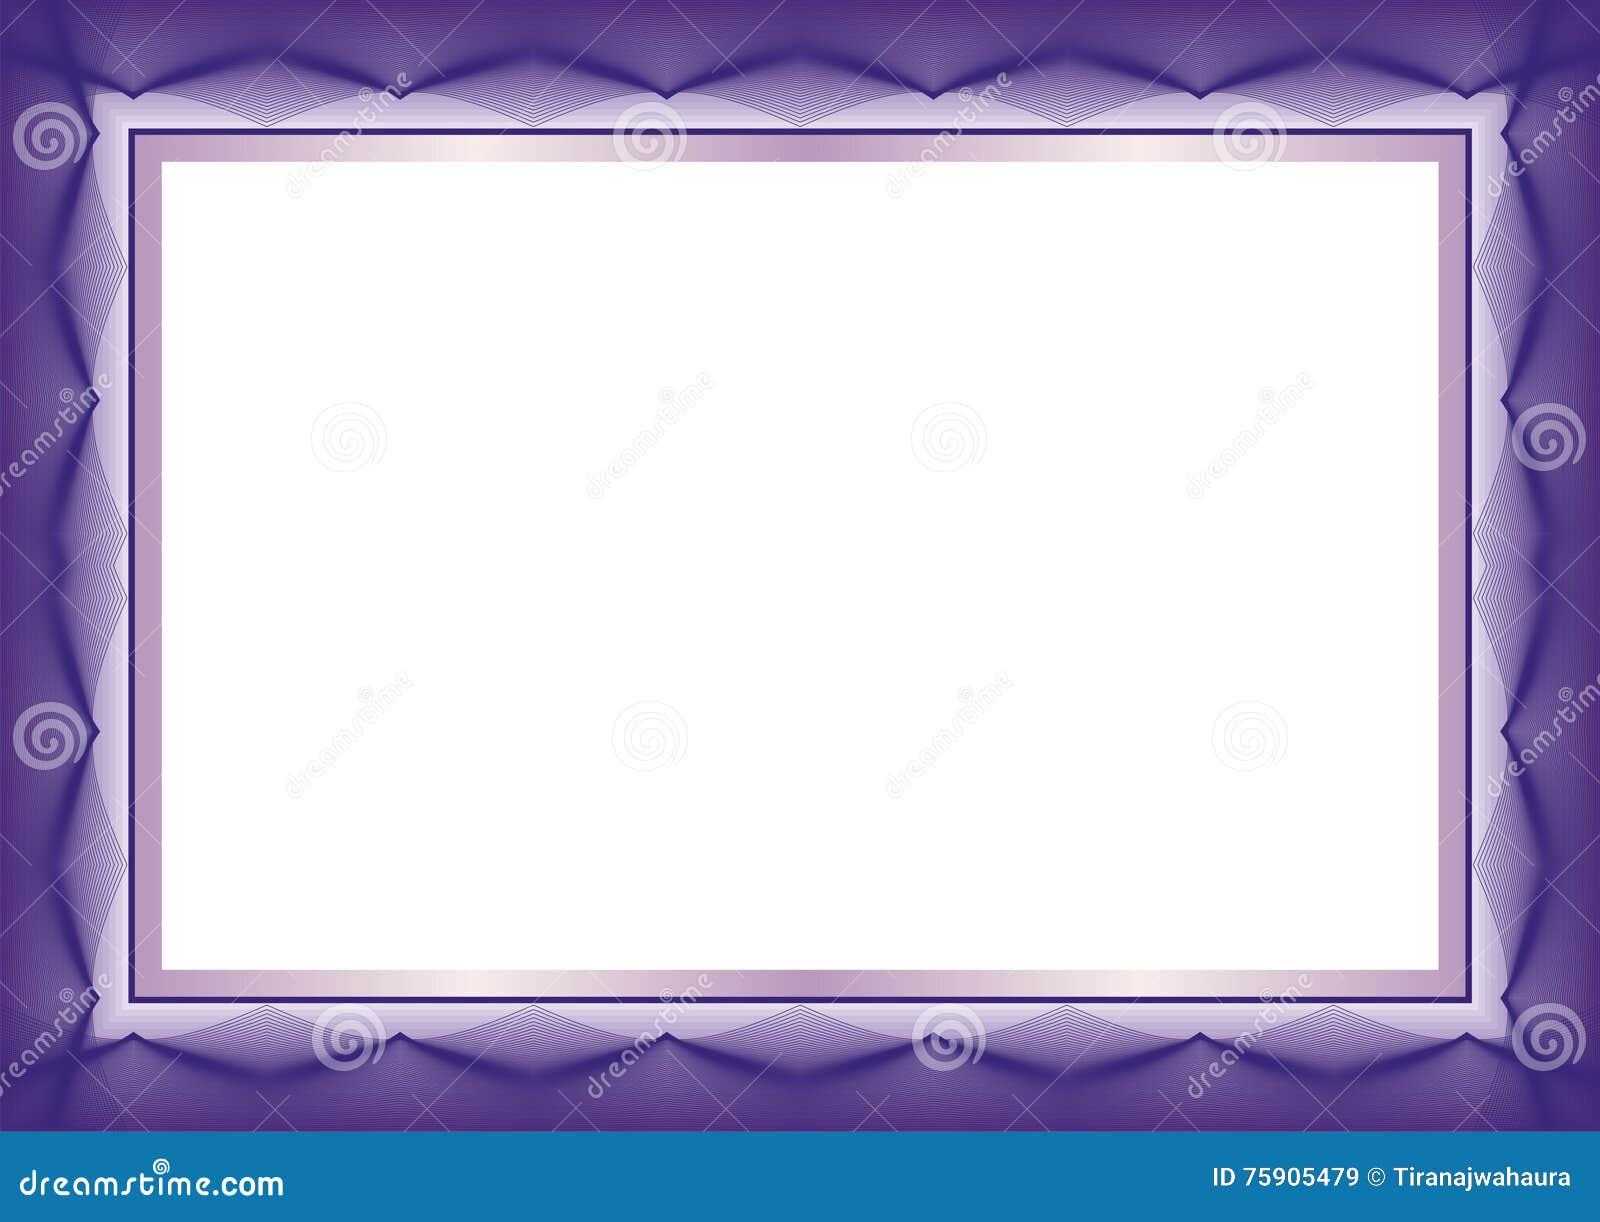 Purpurowy świadectwo lub dyplomu szablonu rama - granica